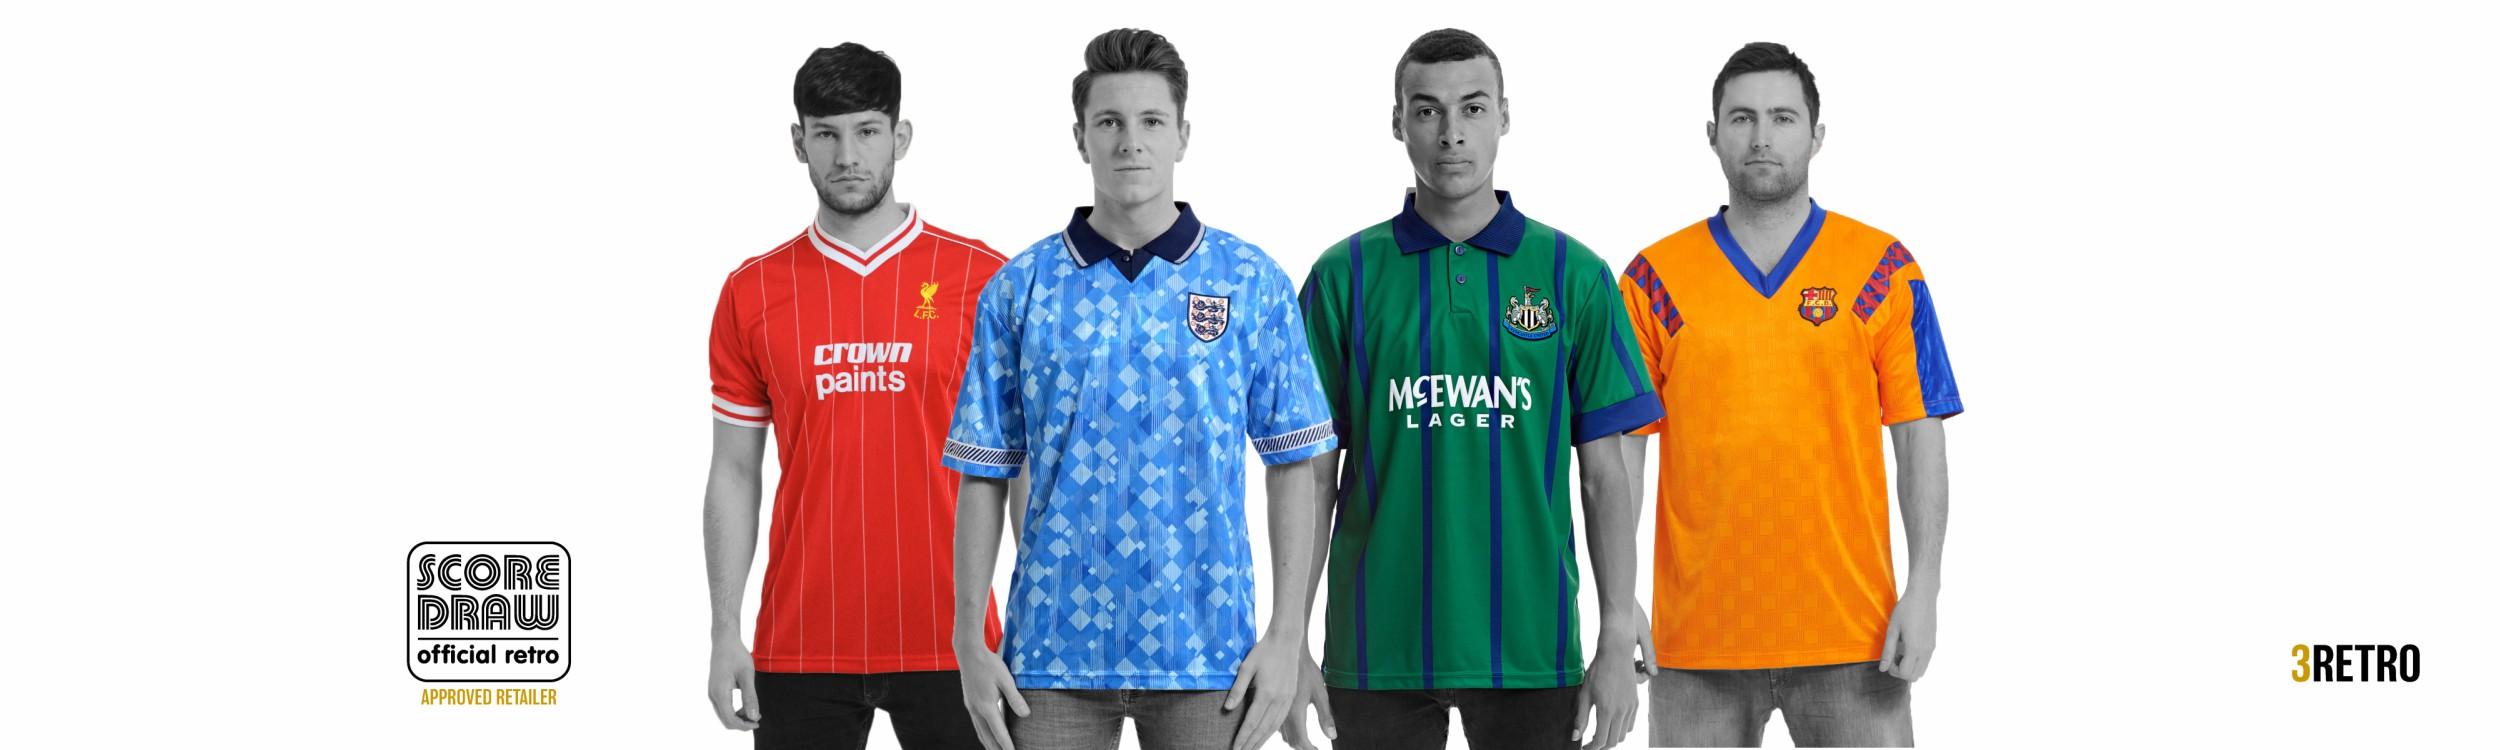 Retro football tshirts and sportswear